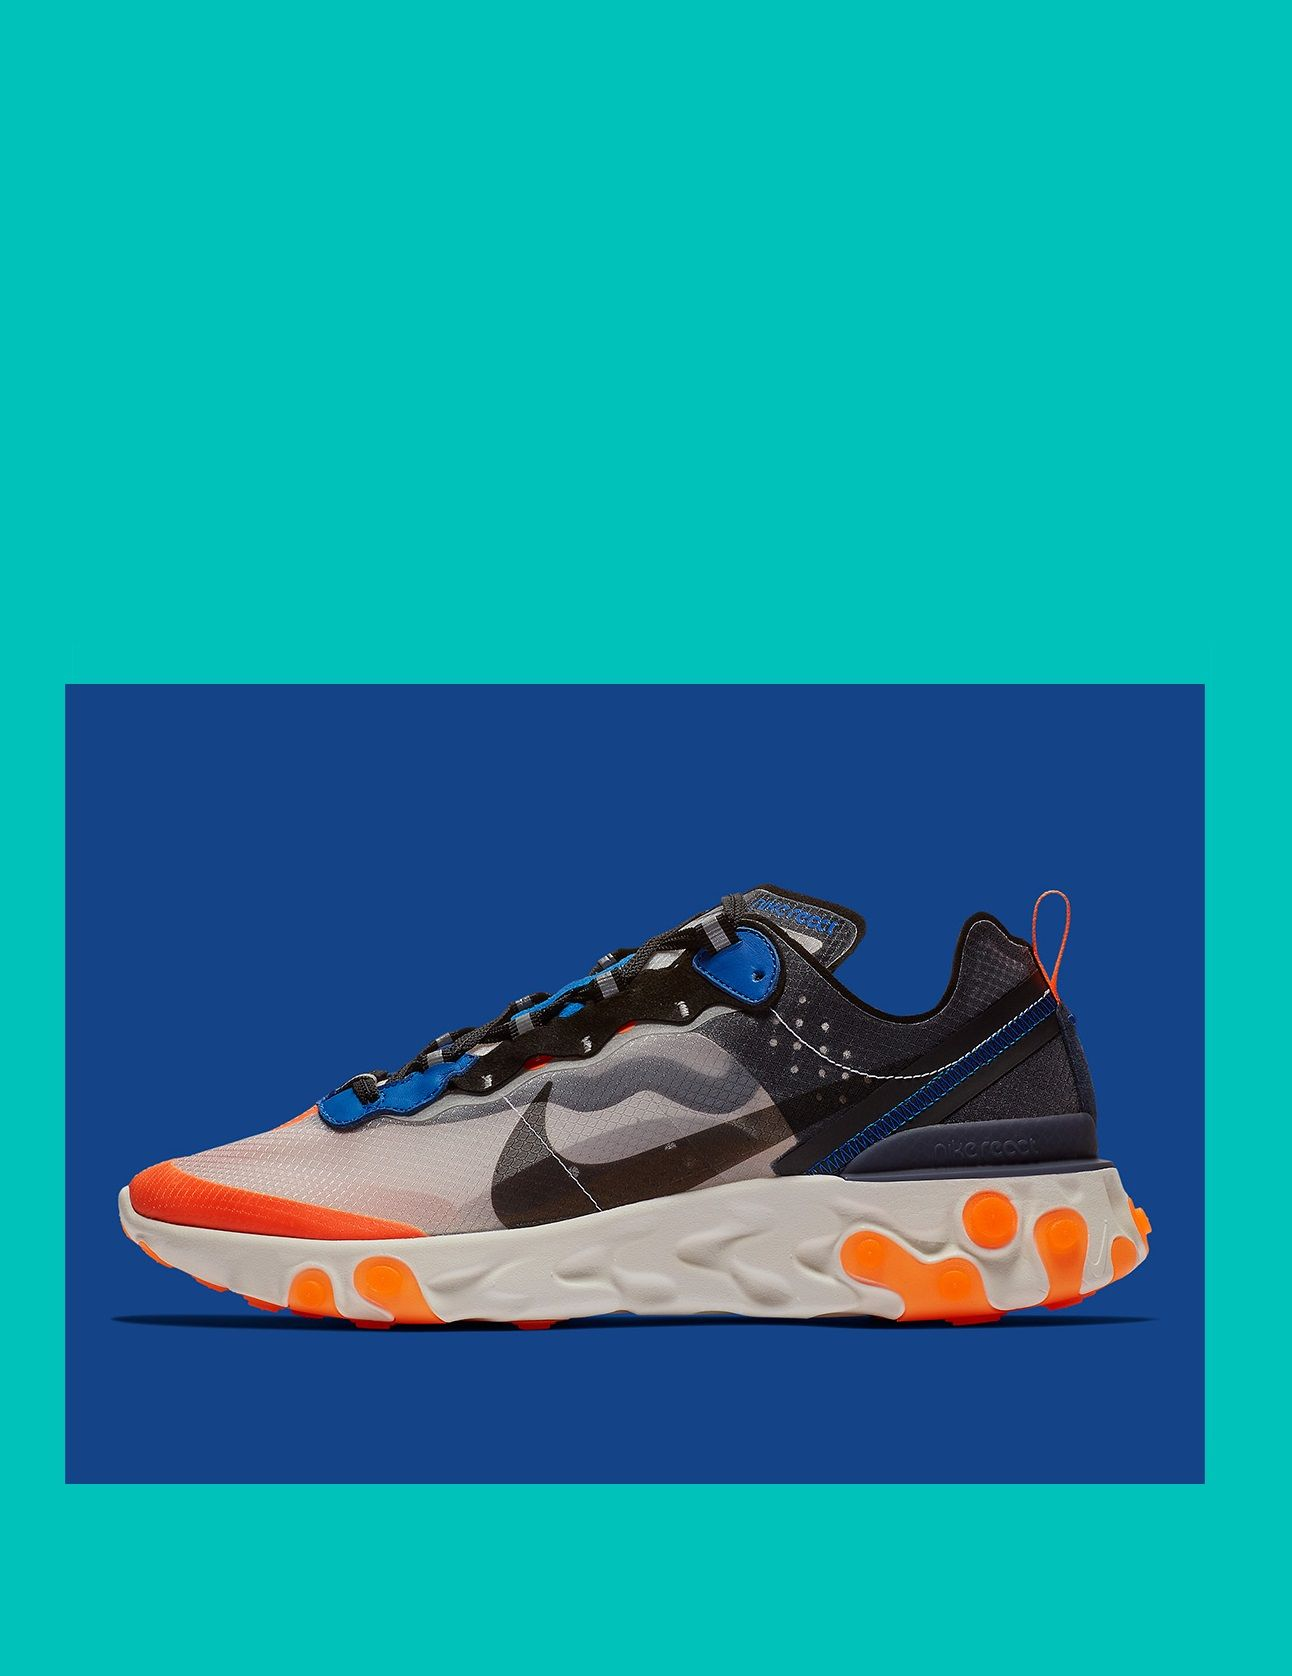 98aecf4ed0ea Nike React Element 87